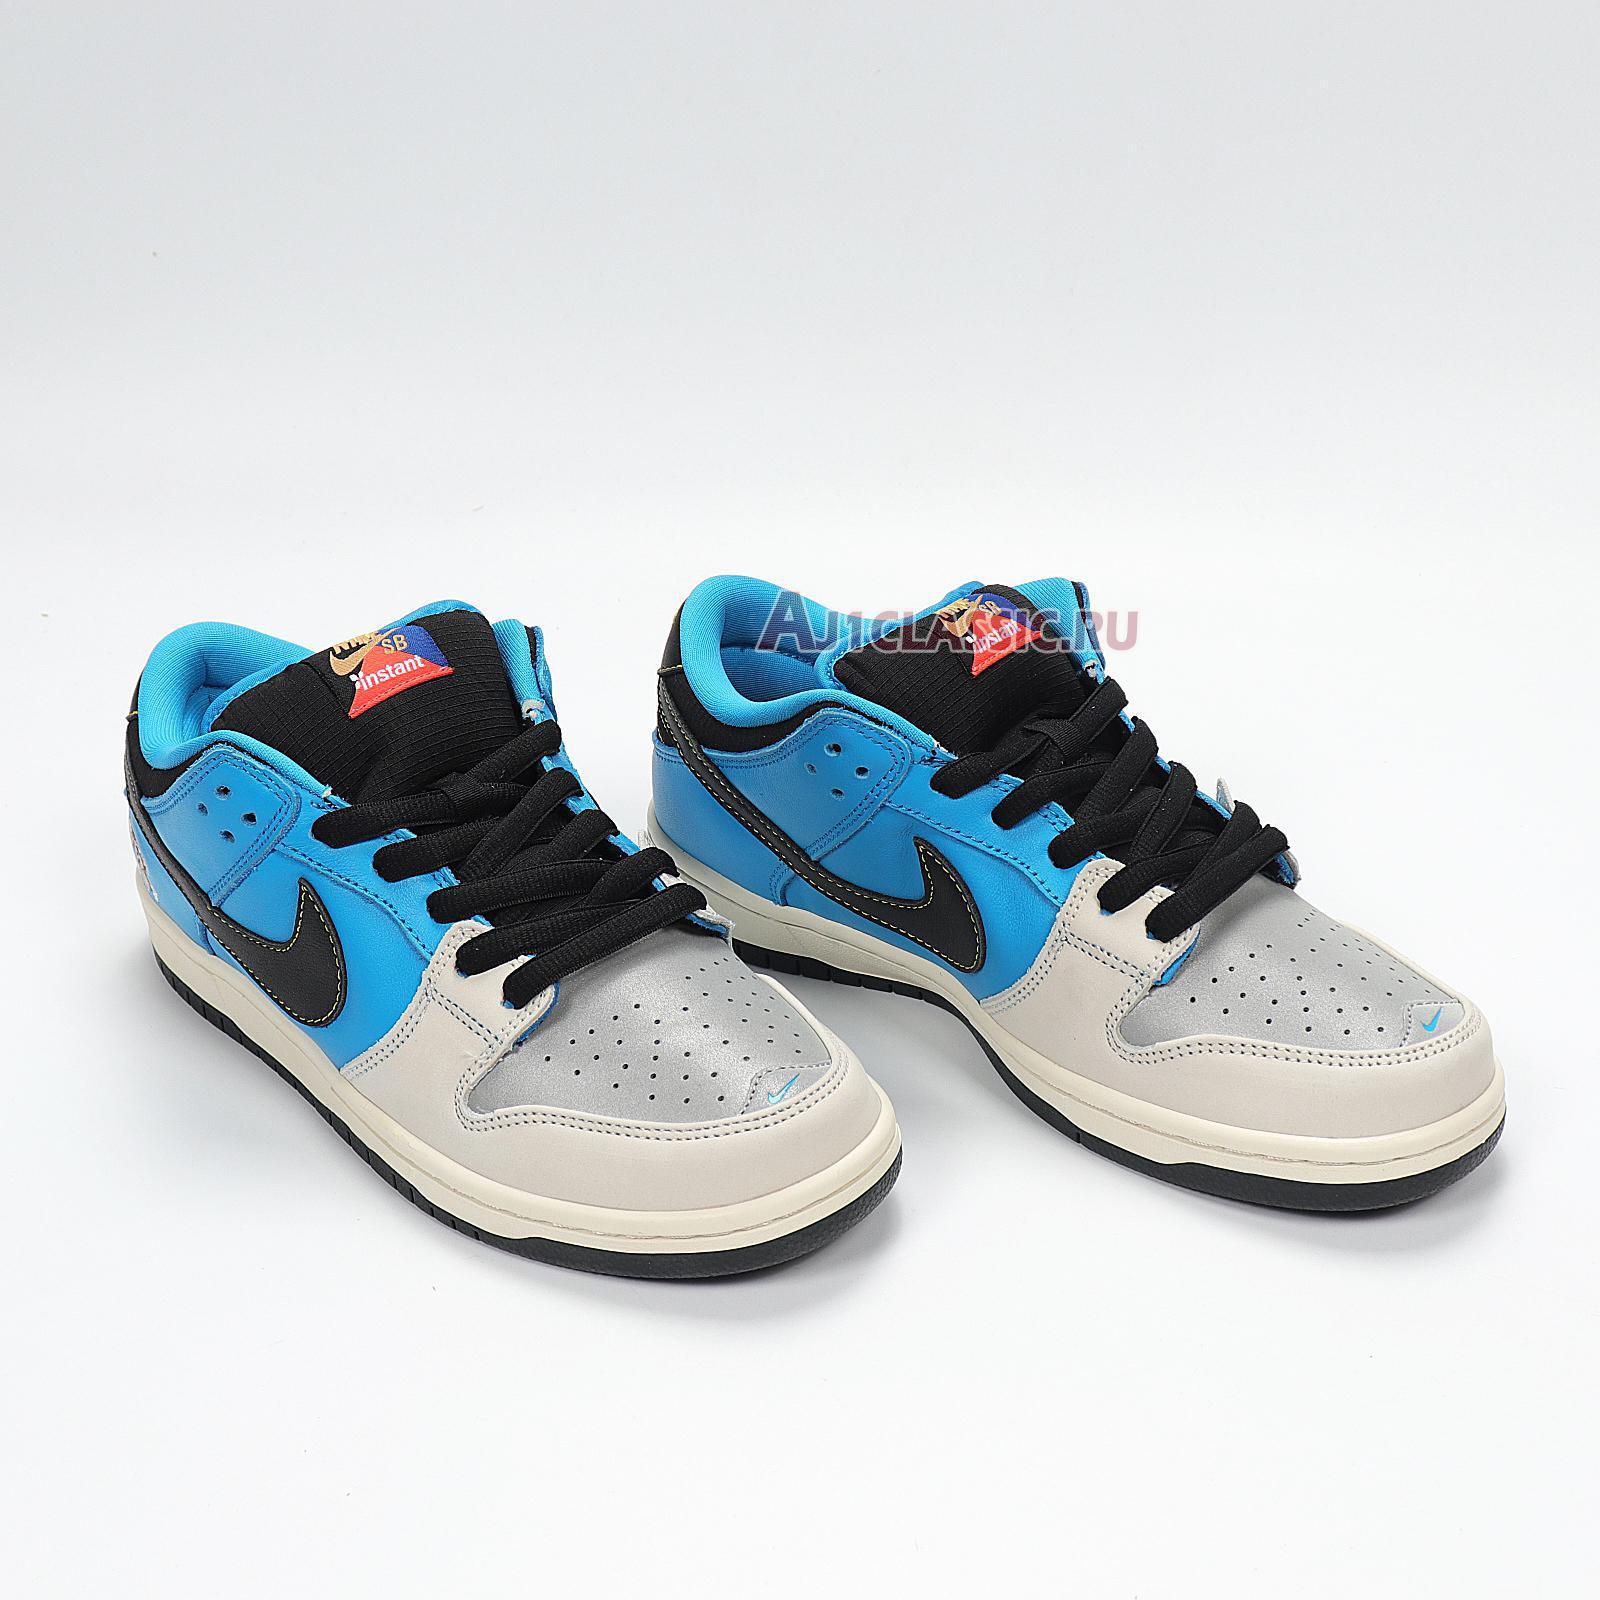 Instant Skateboards x Nike SB Dunk Low CZ5128-400